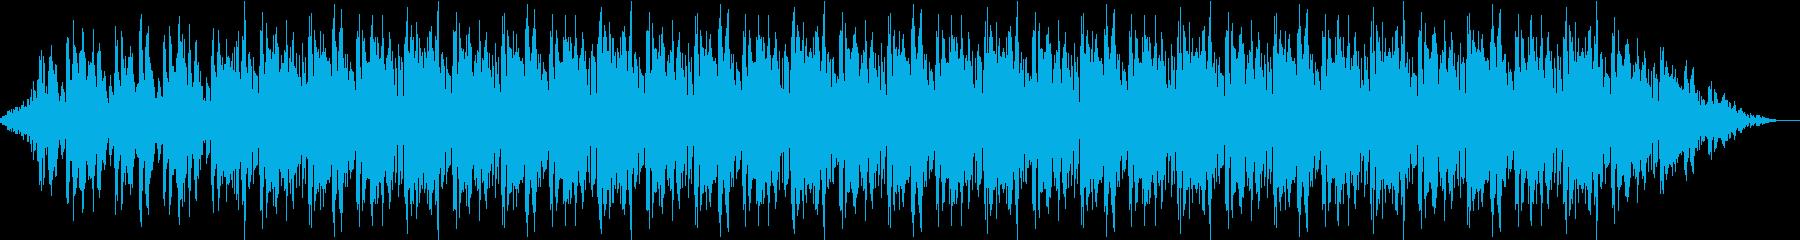 異世界の物語テーマ曲(劇伴、BGM)の再生済みの波形